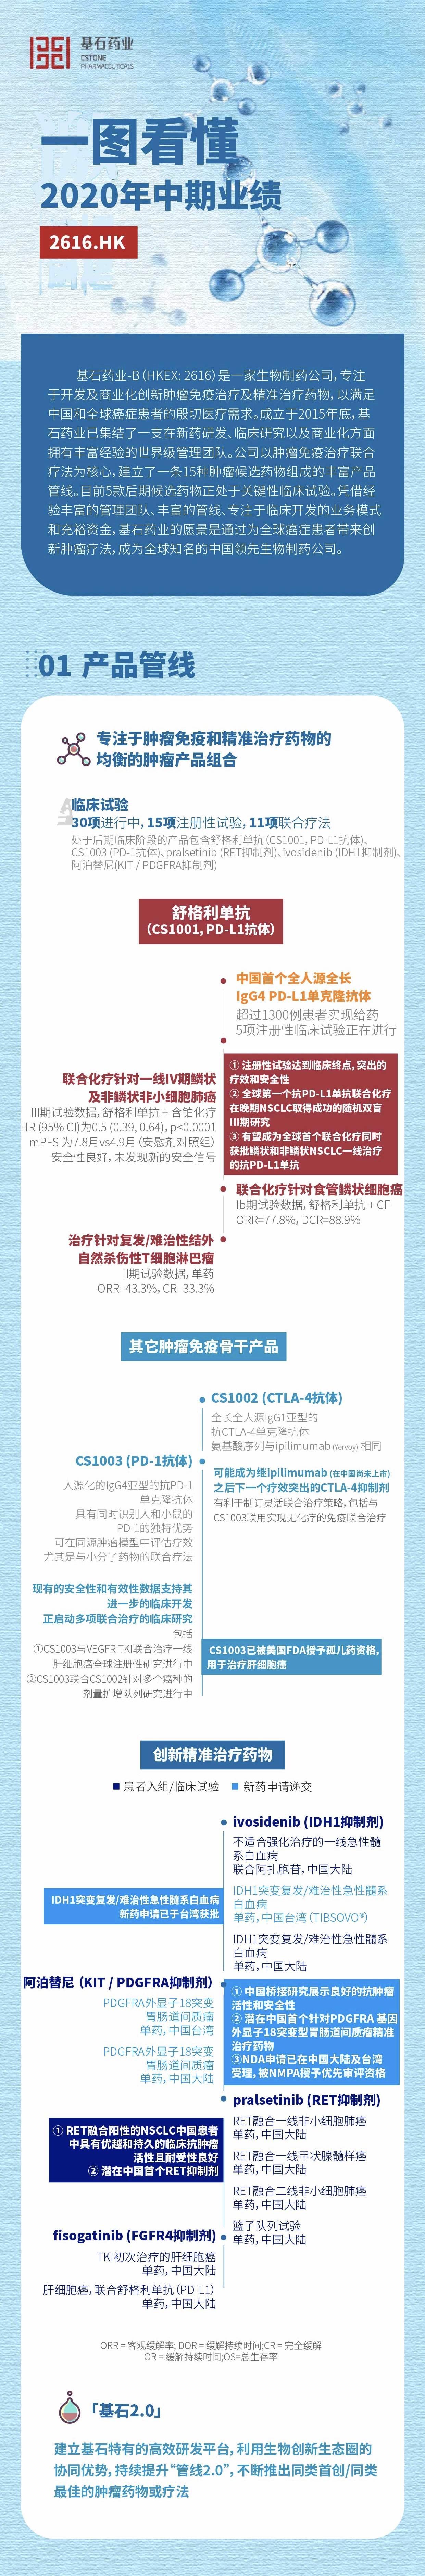 一图看懂基石药业(02616.HK)2020年中期业绩